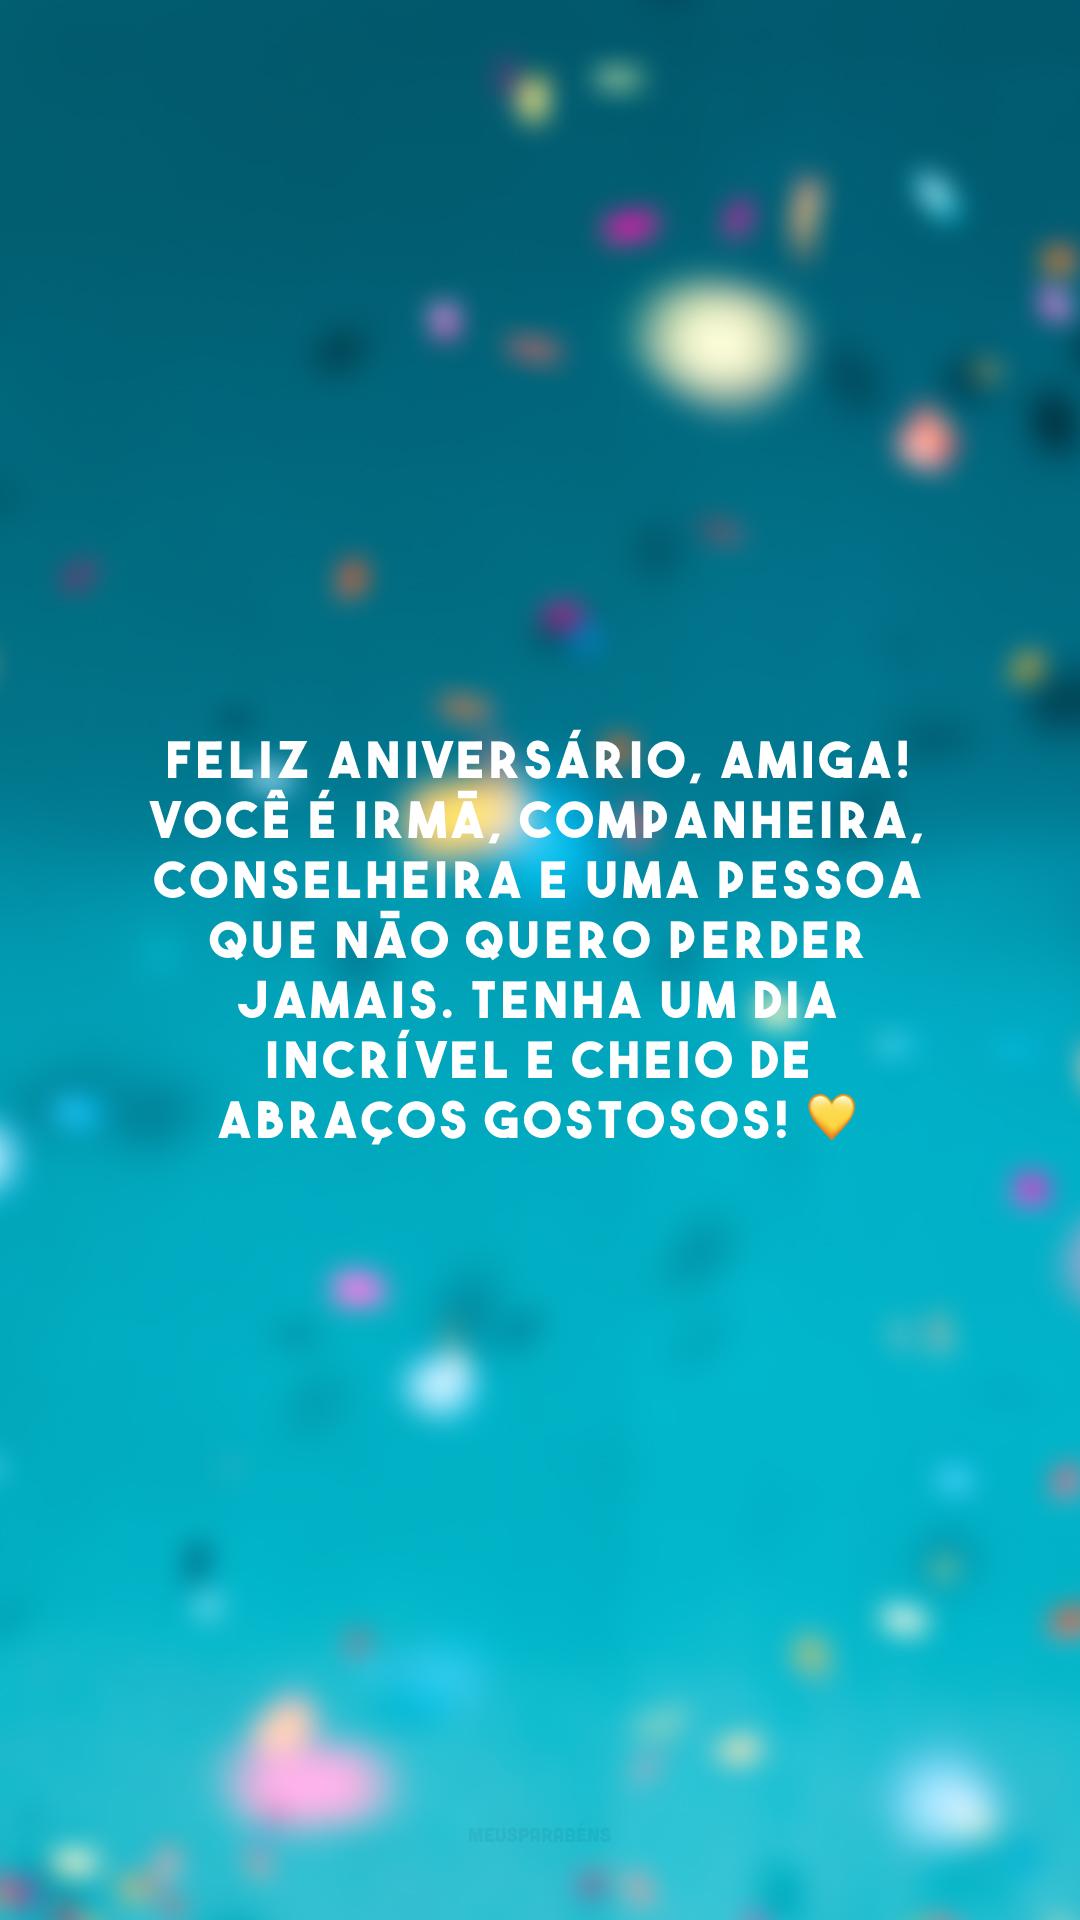 Feliz aniversário, amiga! Você é irmã, companheira, conselheira e uma pessoa que não quero perder jamais. Tenha um dia incrível e cheio de abraços gostosos! 💛